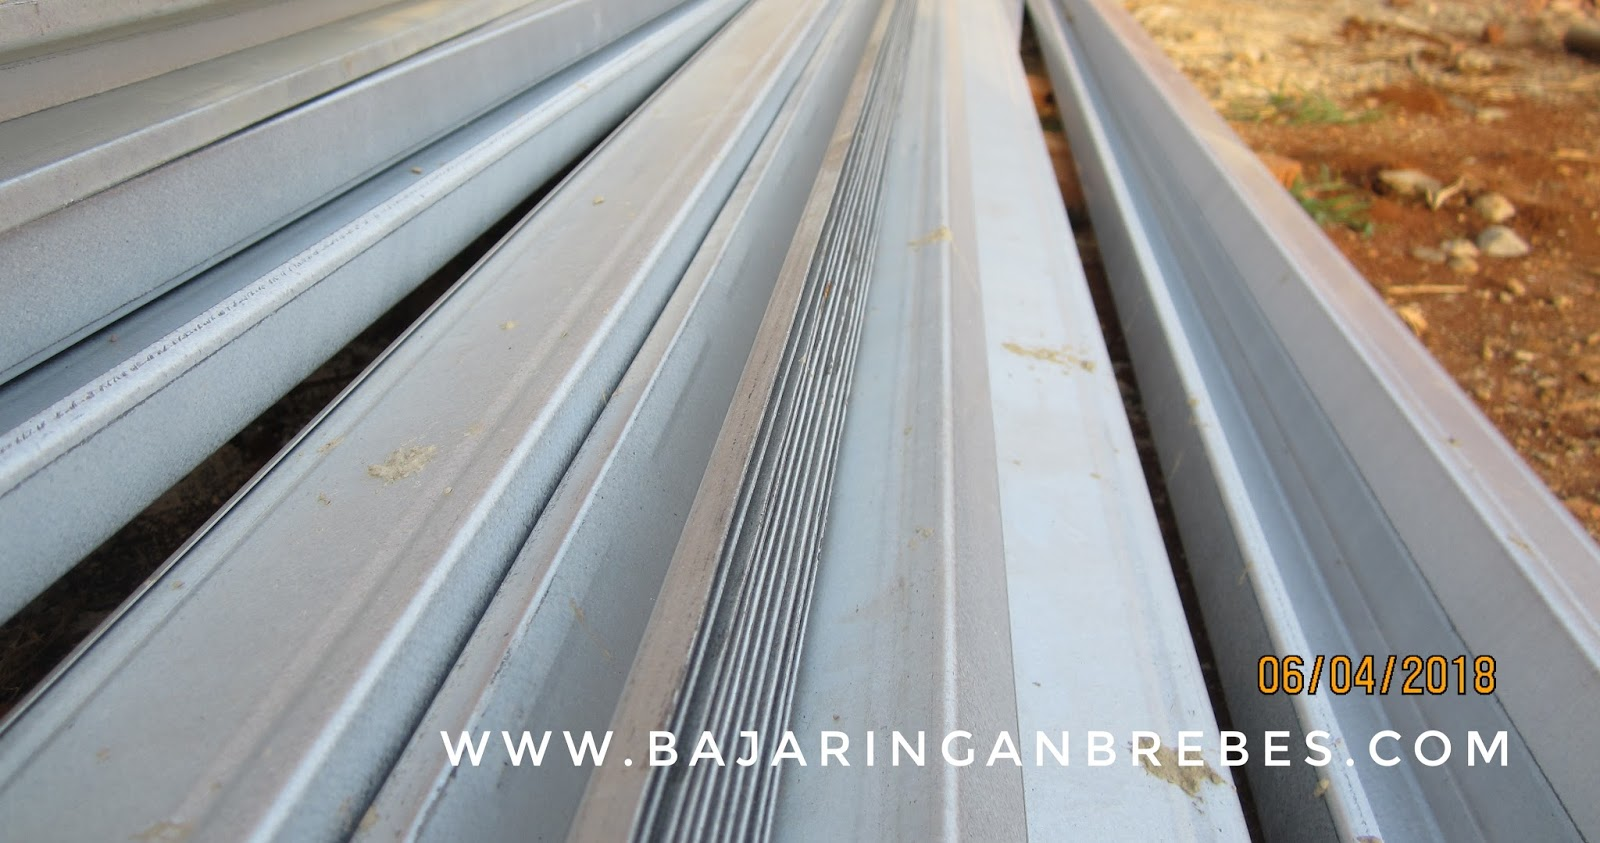 Harga Baja Ringan Kanal C Per Batang 2020 Baja Ringan Brebes